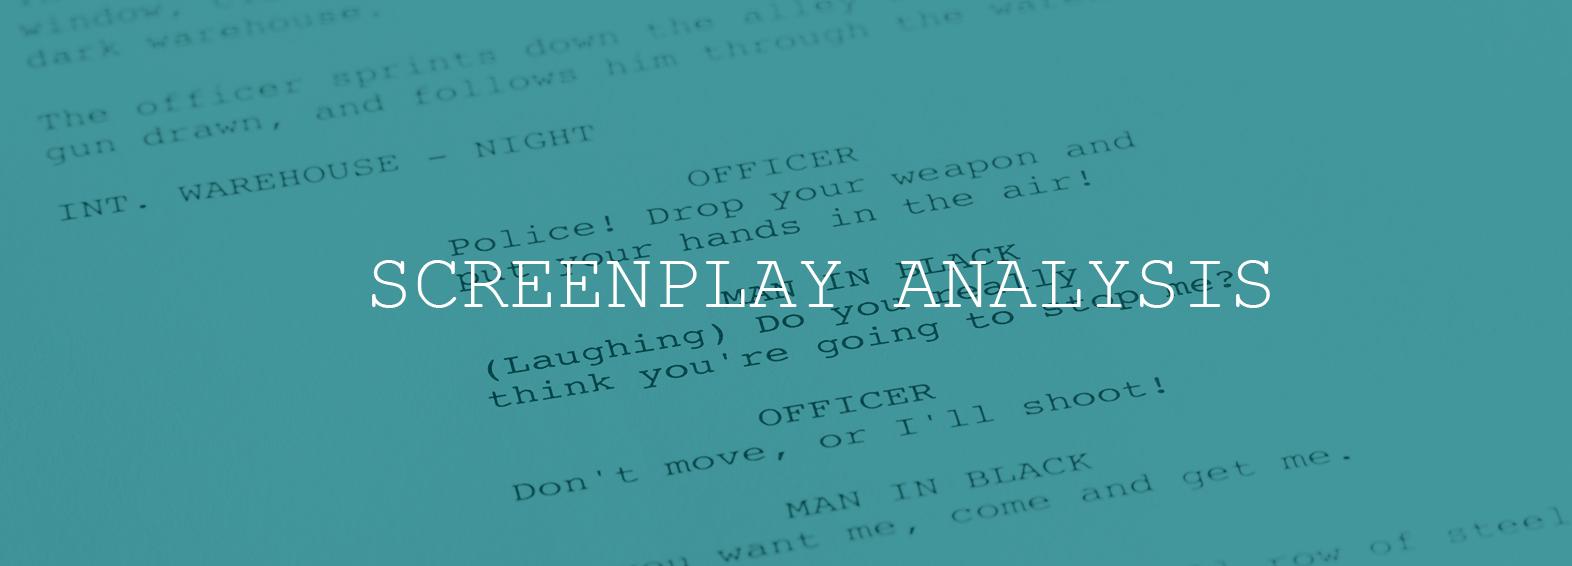 Screenplay-Analysis-by-Jeff-Schimmel.jpg